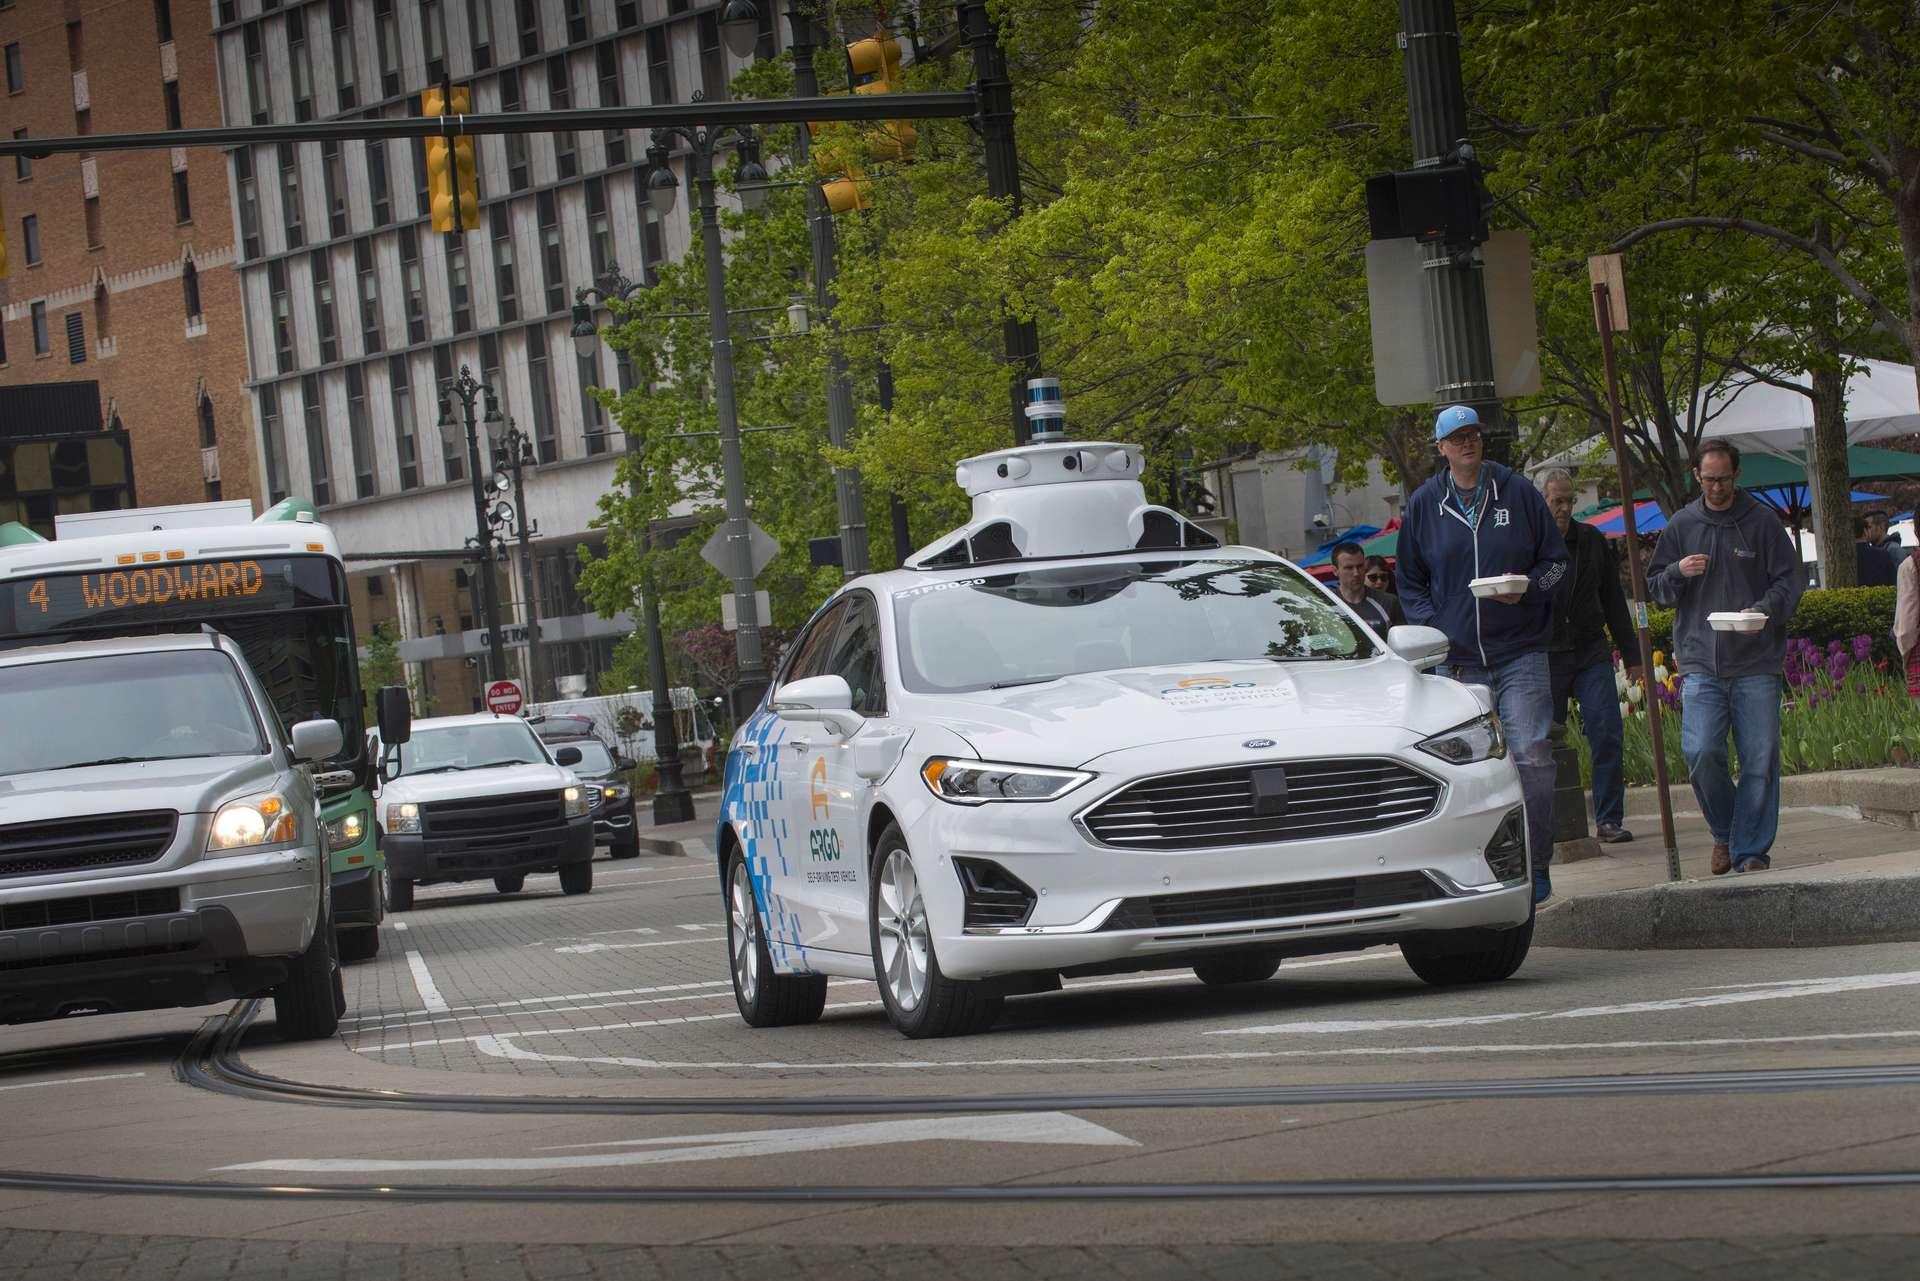 Faible durée de vie, surconsommation énergétique : la voiture autonome est loin d'être un modèle de développement durable. © Ford